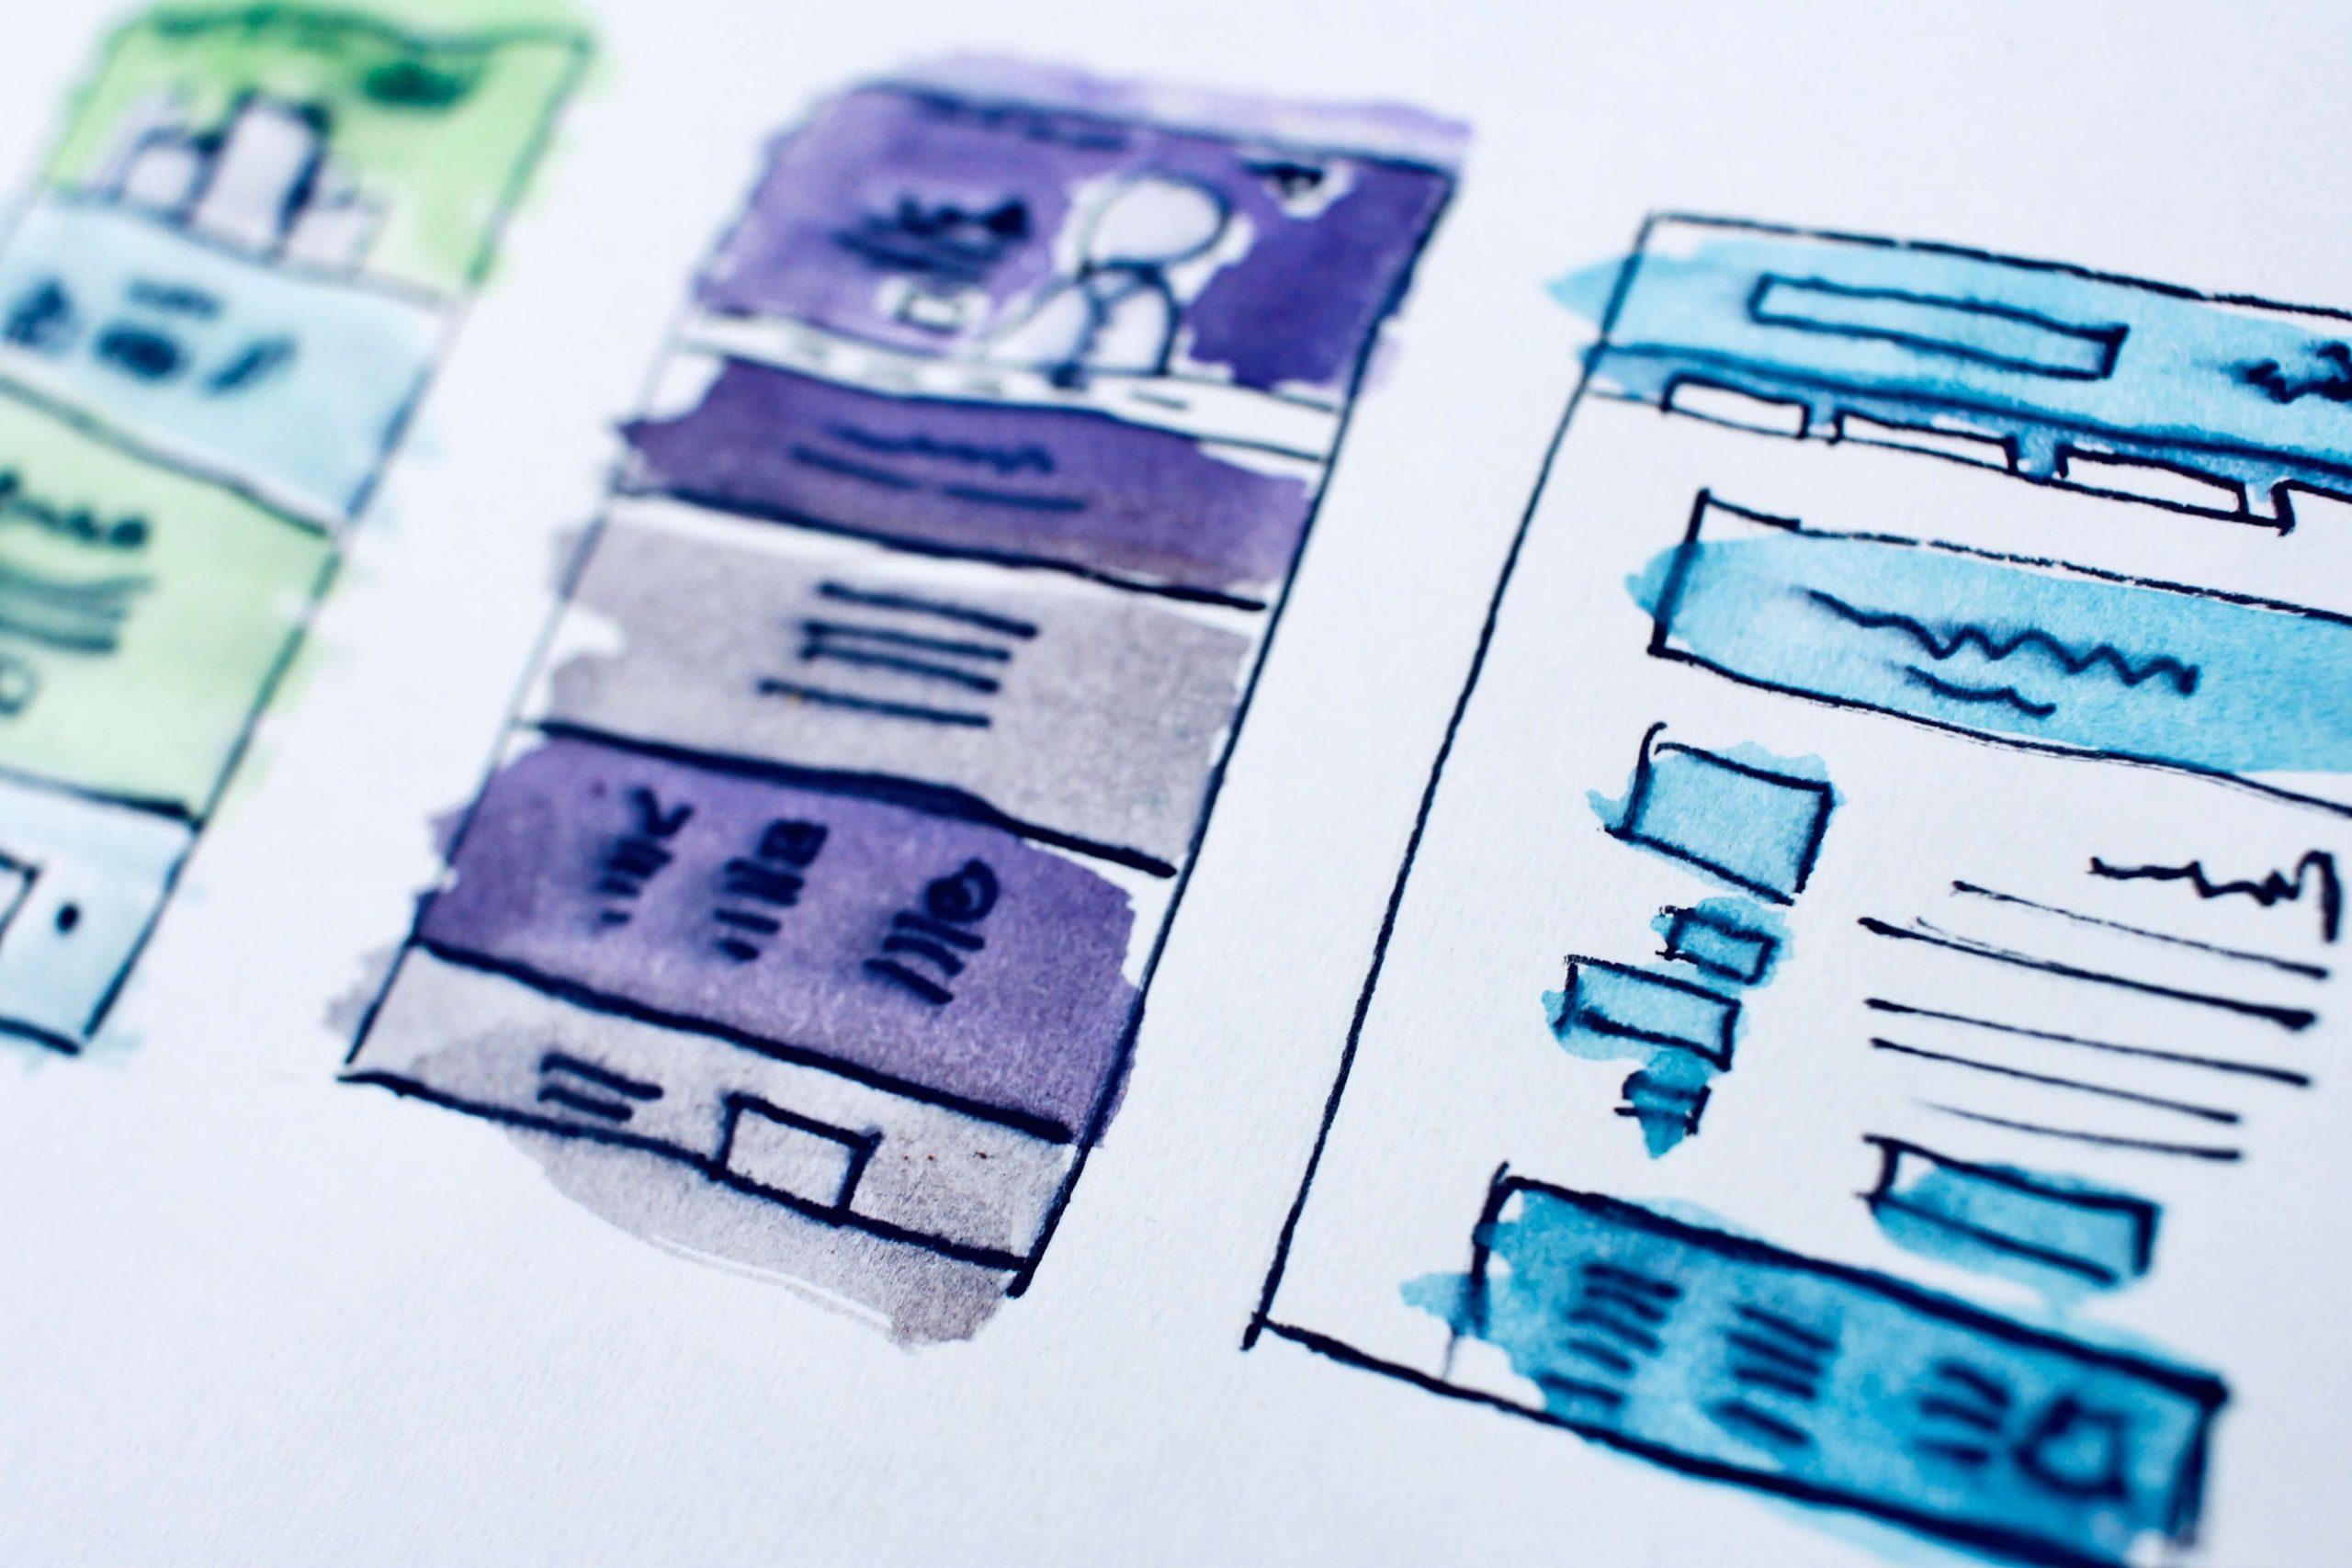 Верстка каталога: виды каталогов и основные этапы подготовки макета.